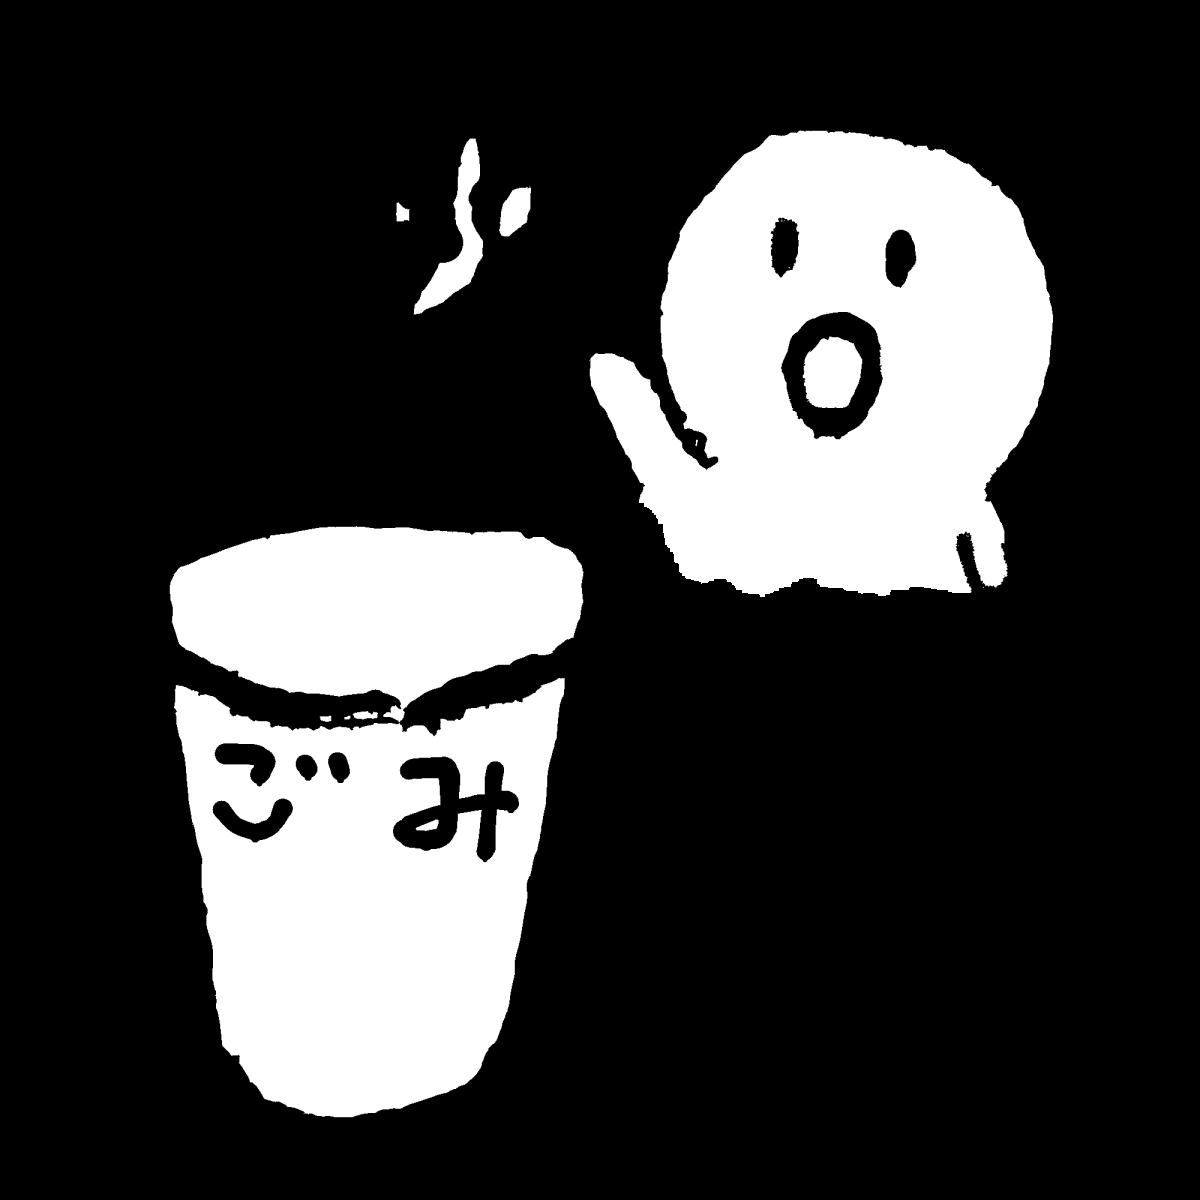 ゴミを捨てるのイラスト / throw away garbage Illustration